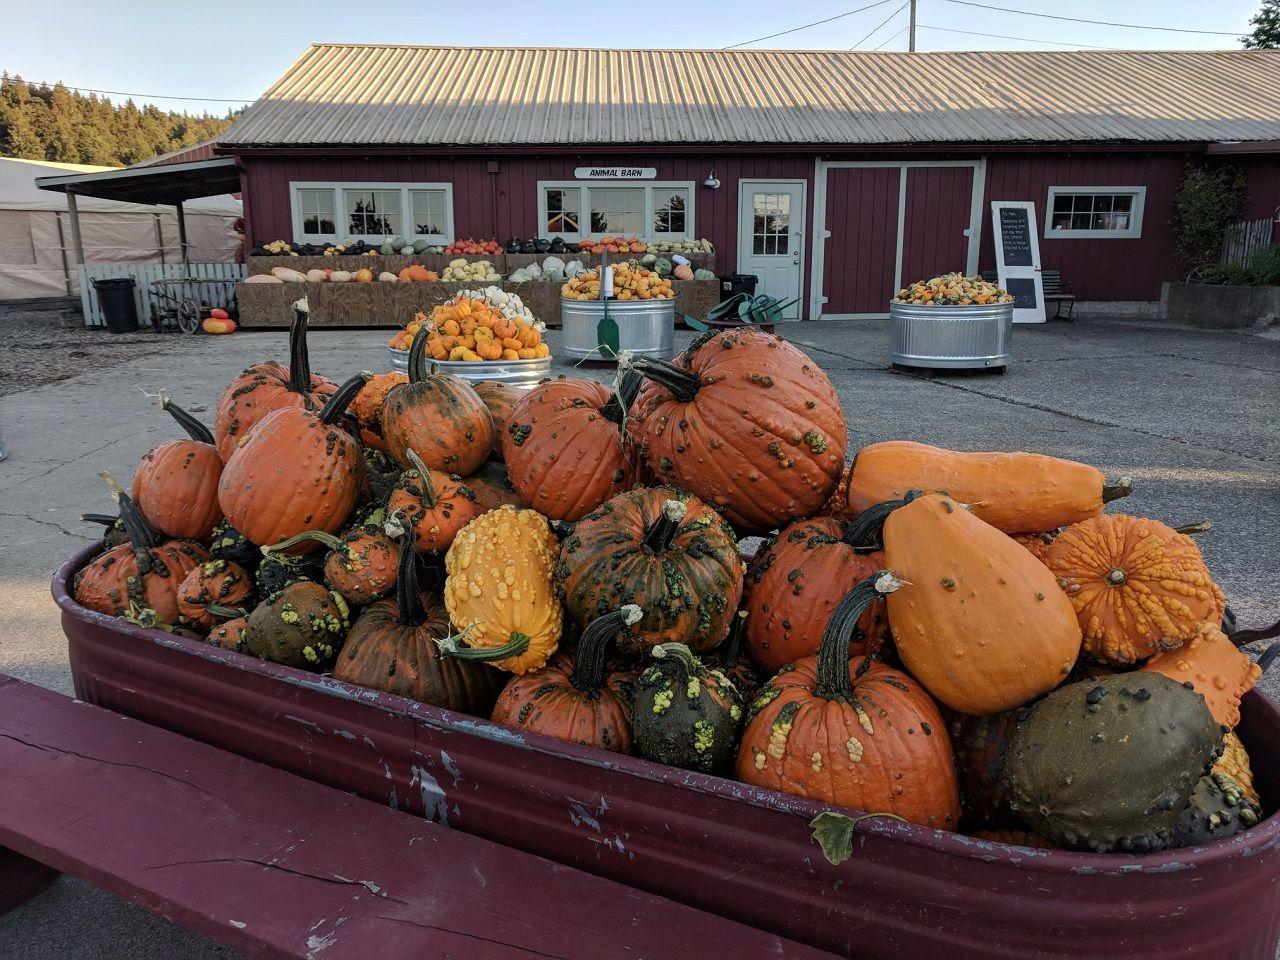 A trough of pumpkins outside of the Craven Farm pumpkin patch farm store